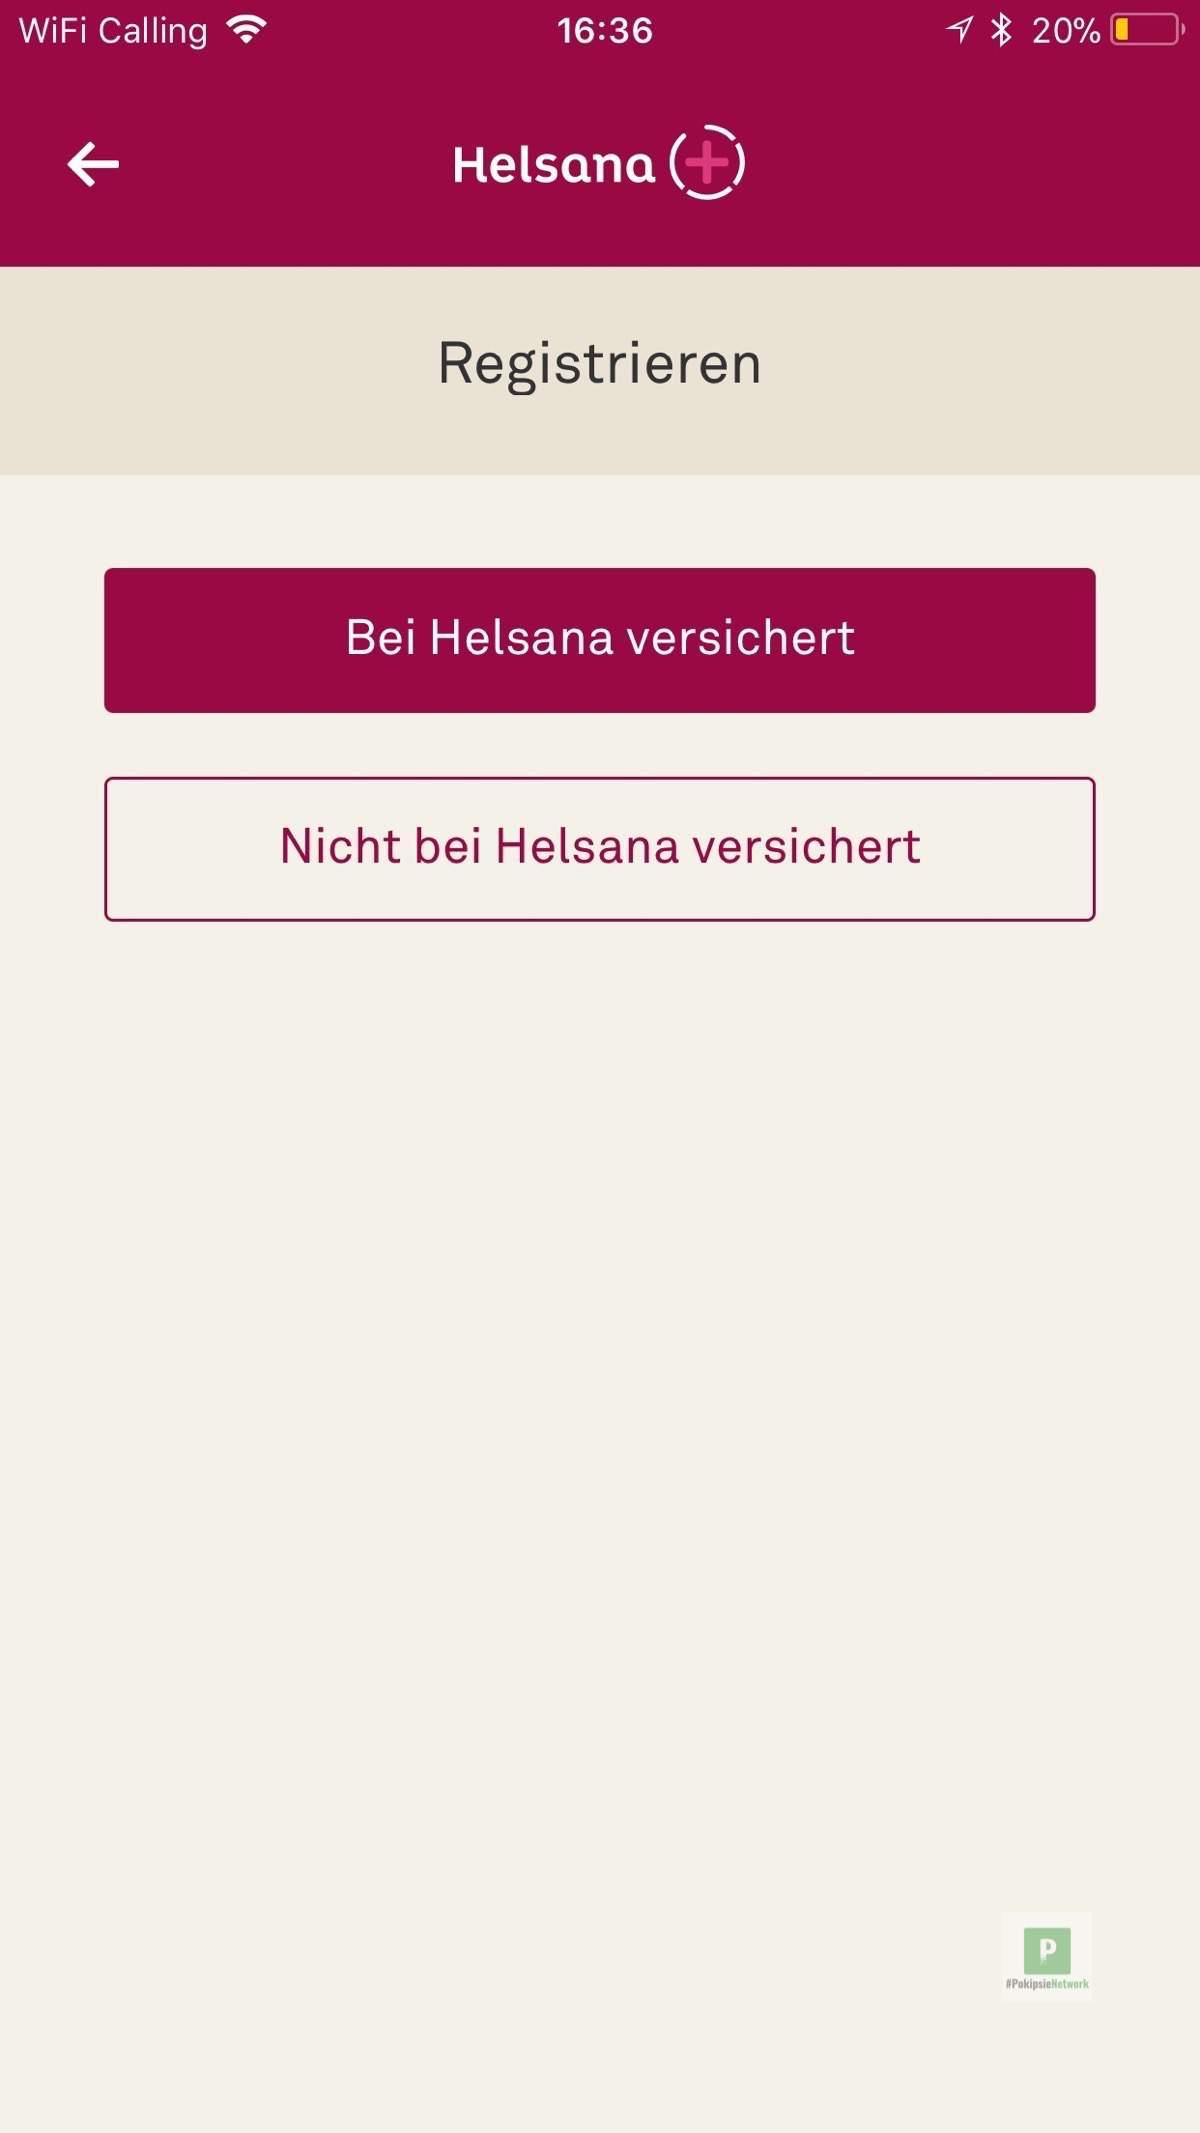 Bei Helsana versichert oder nicht?